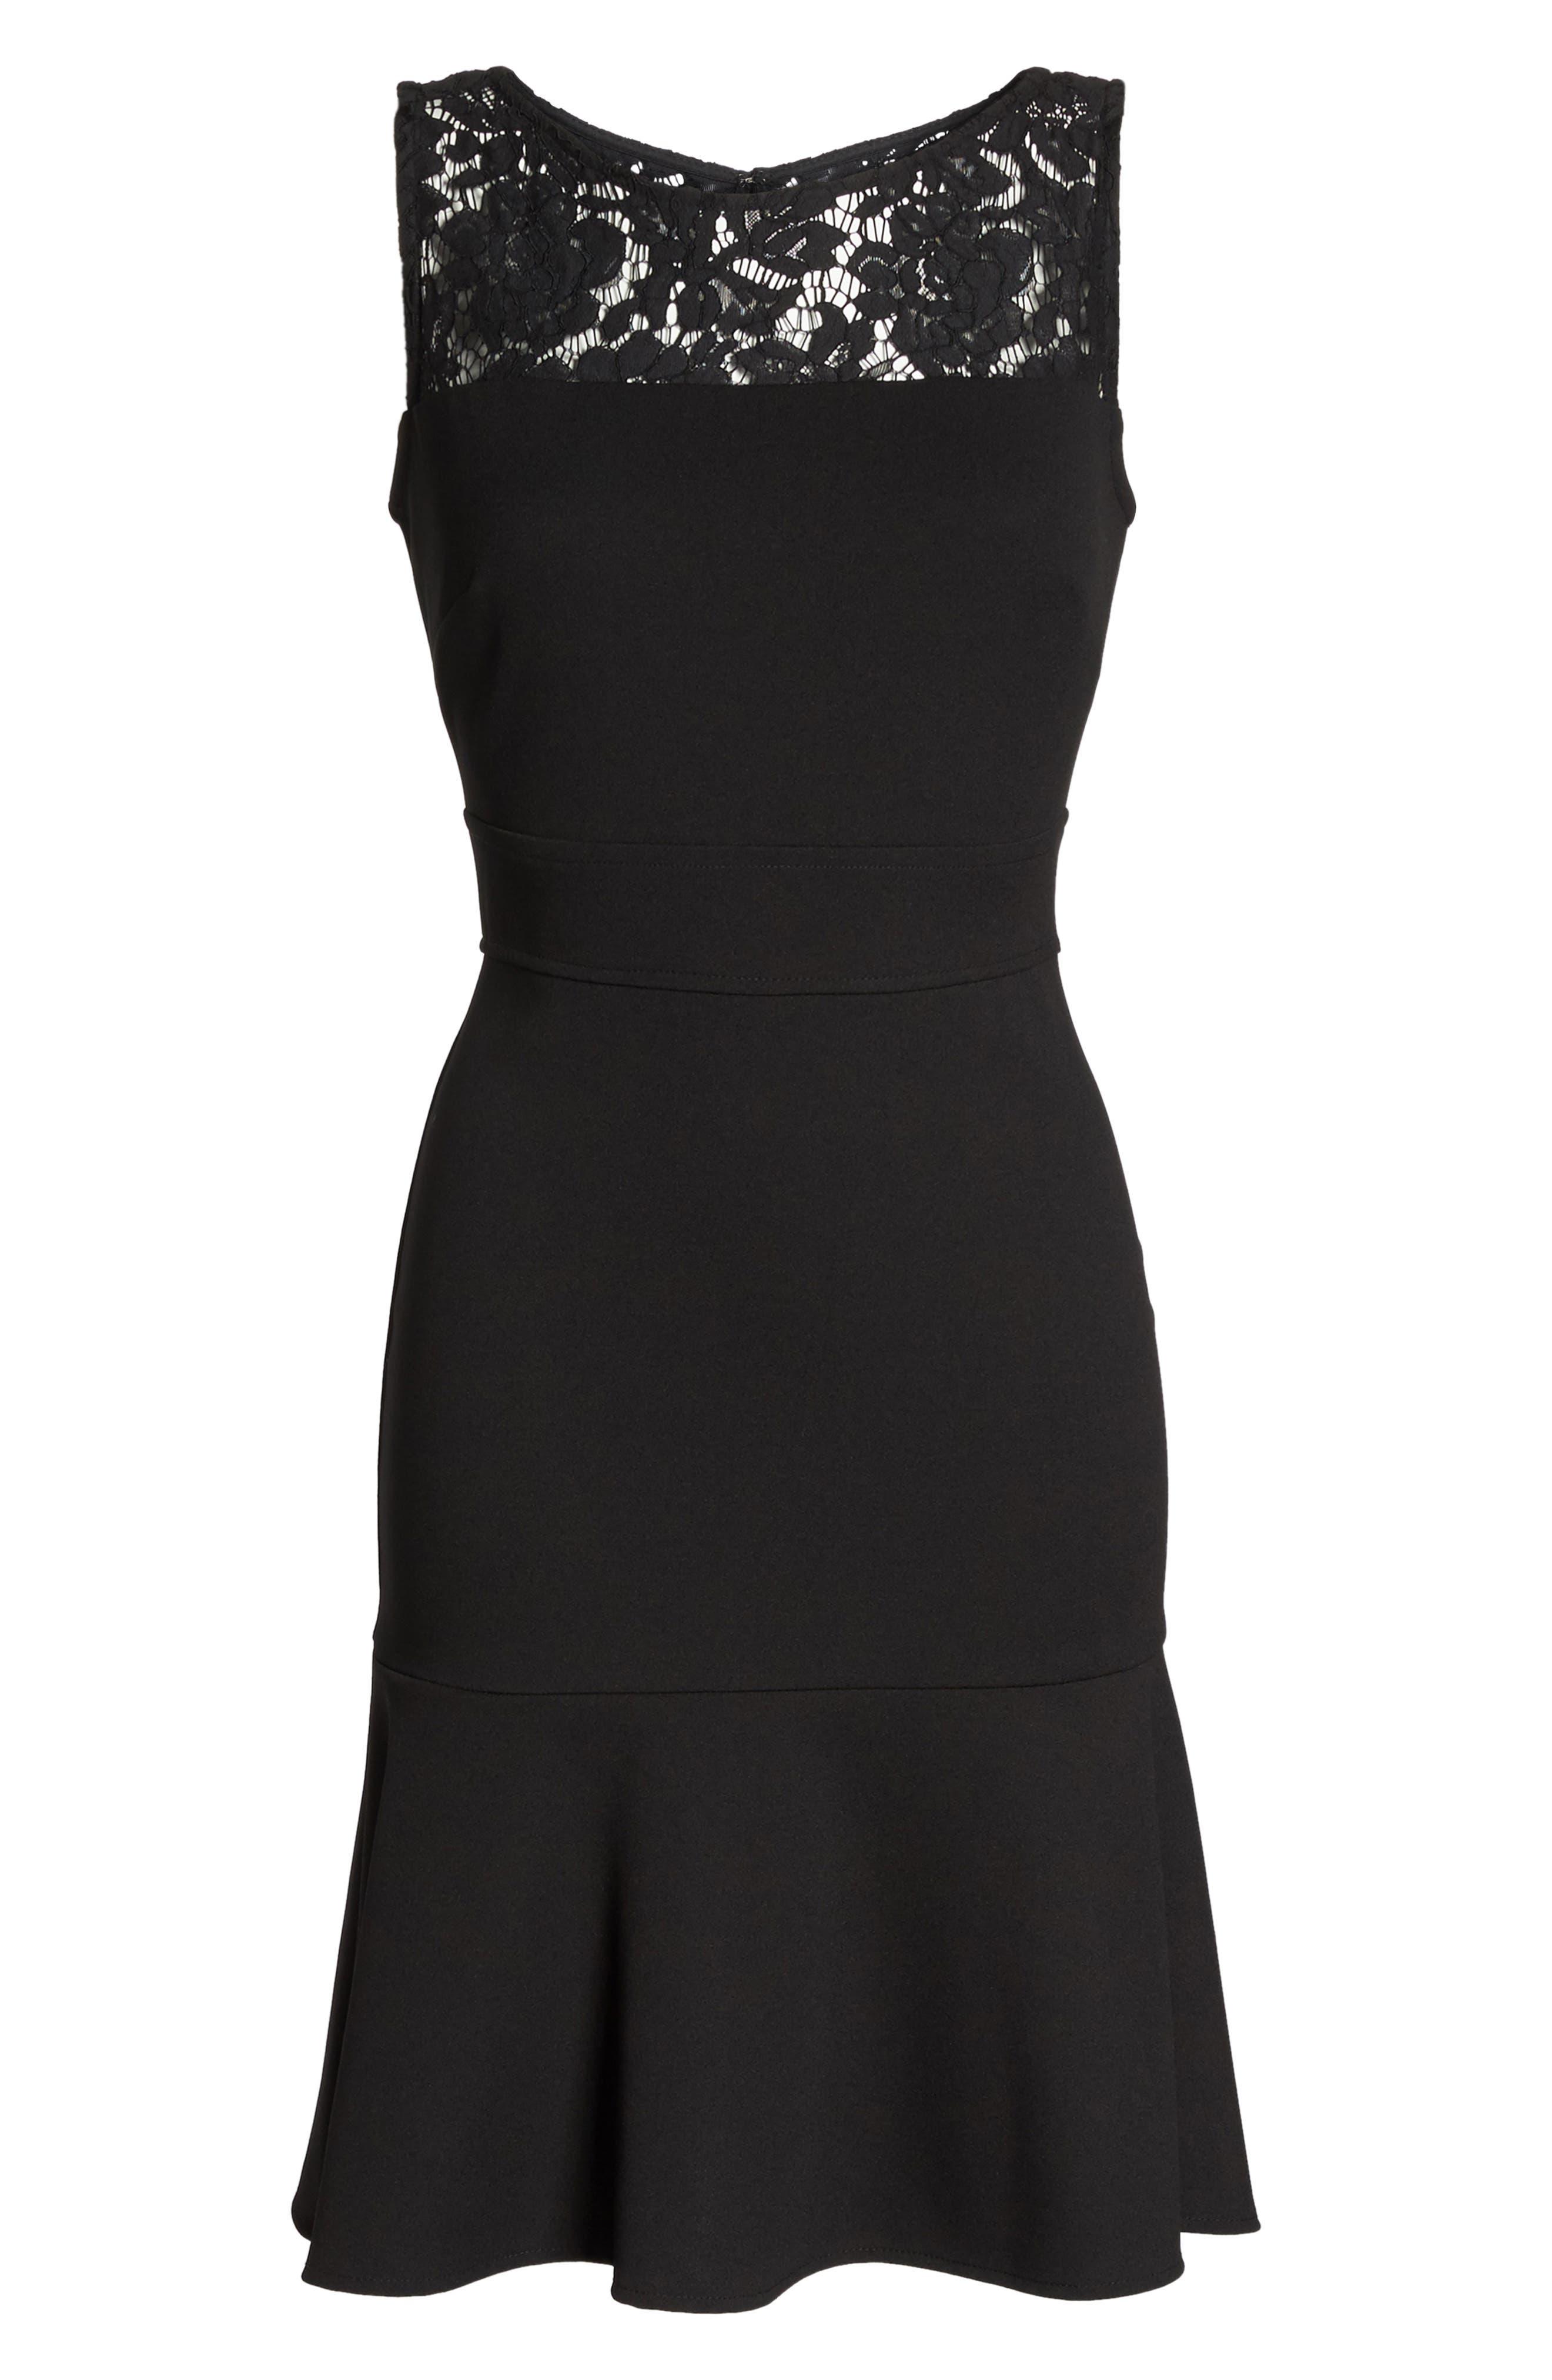 Lace Flounce Dress,                             Alternate thumbnail 6, color,                             001